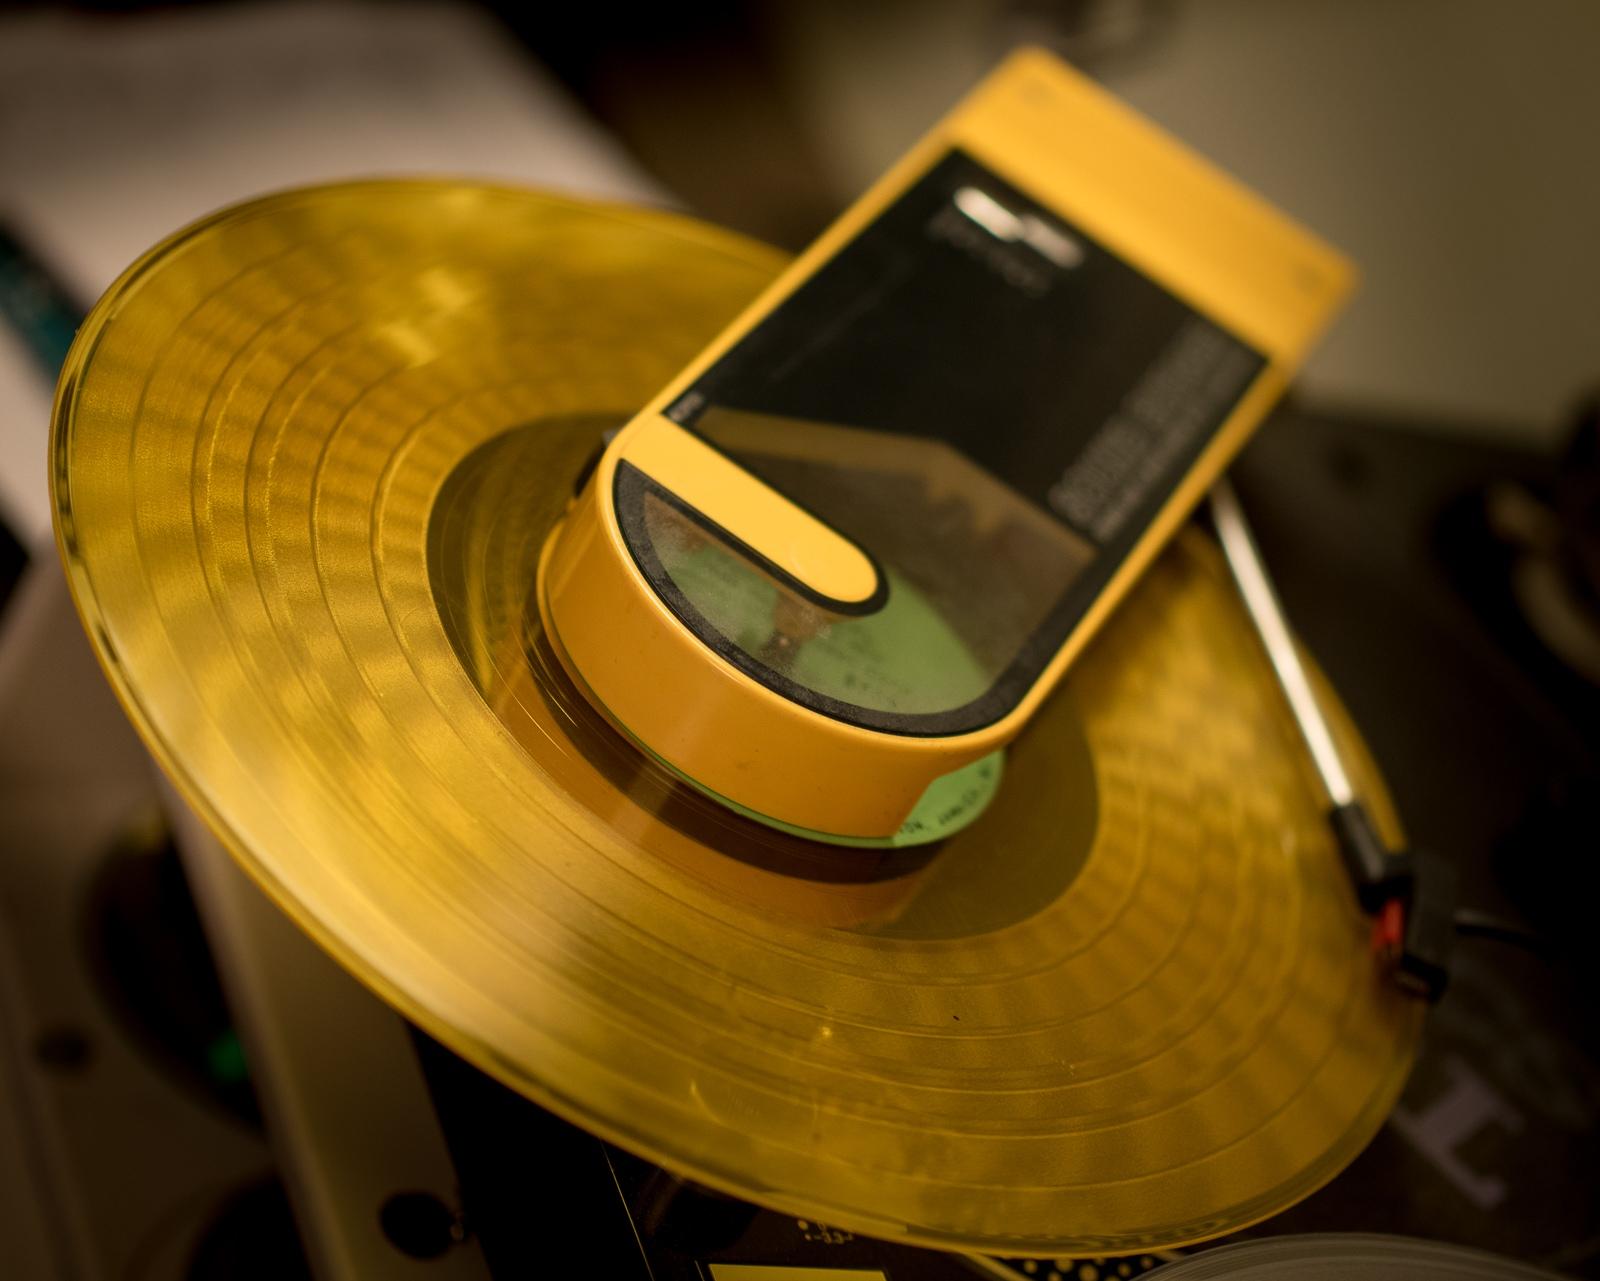 yellow soundburger portable turntable